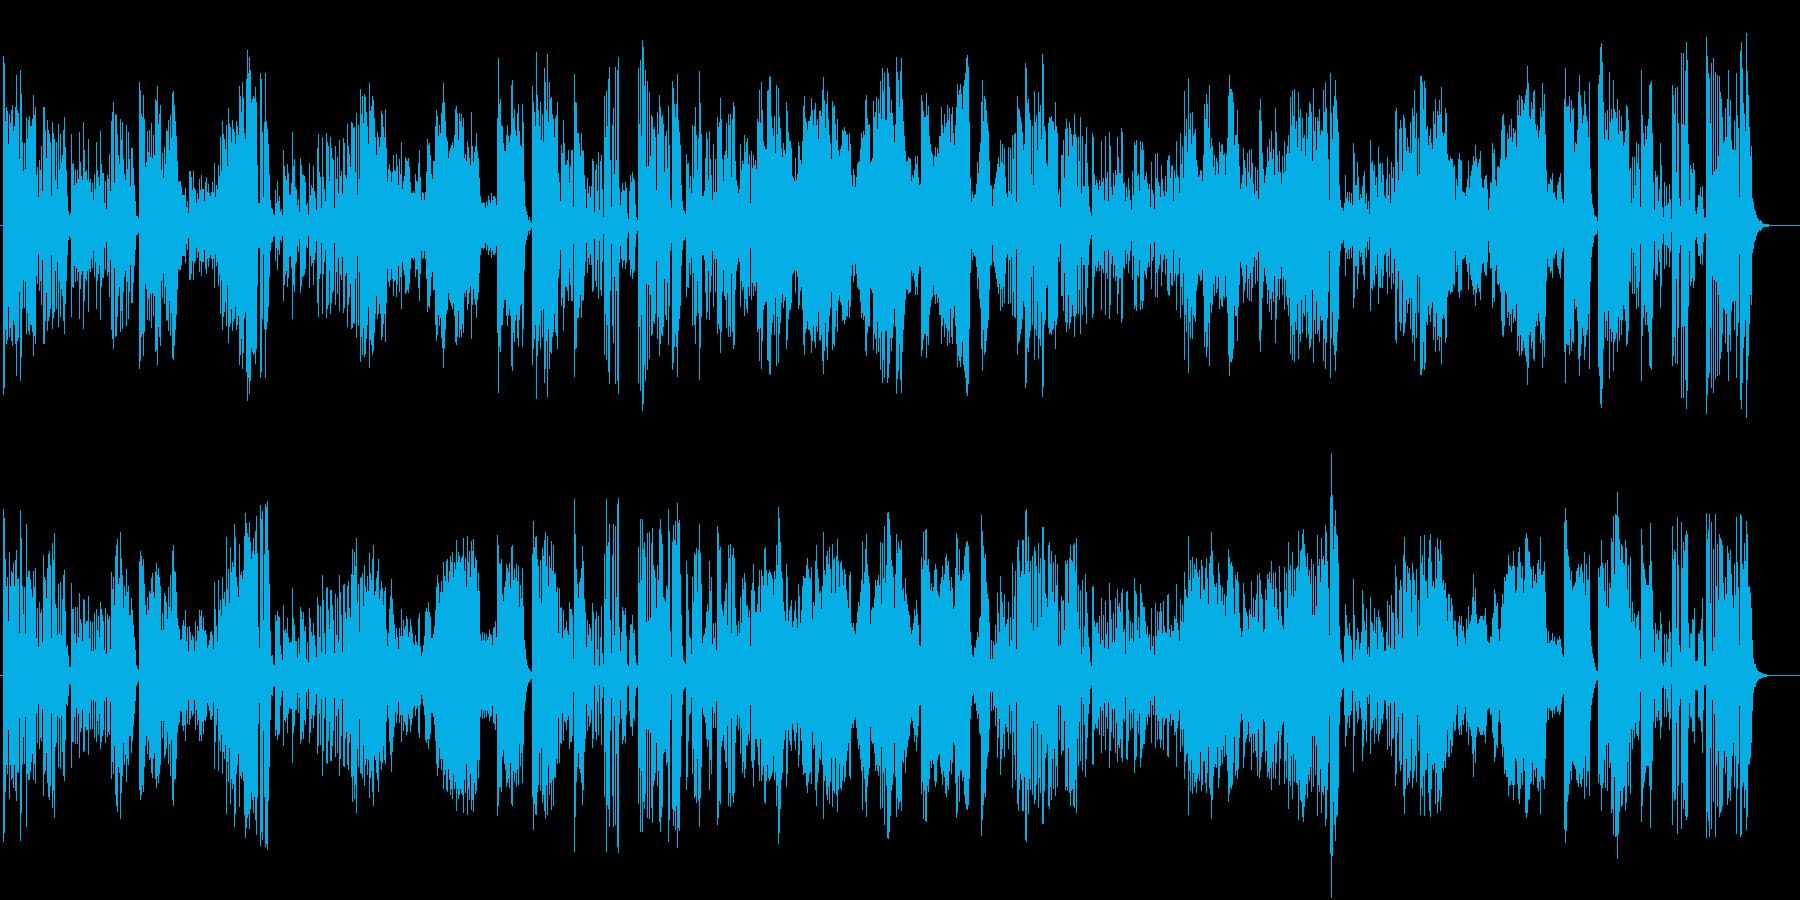 ハイドンのピアノソナタ(第37番)ニ長調の再生済みの波形